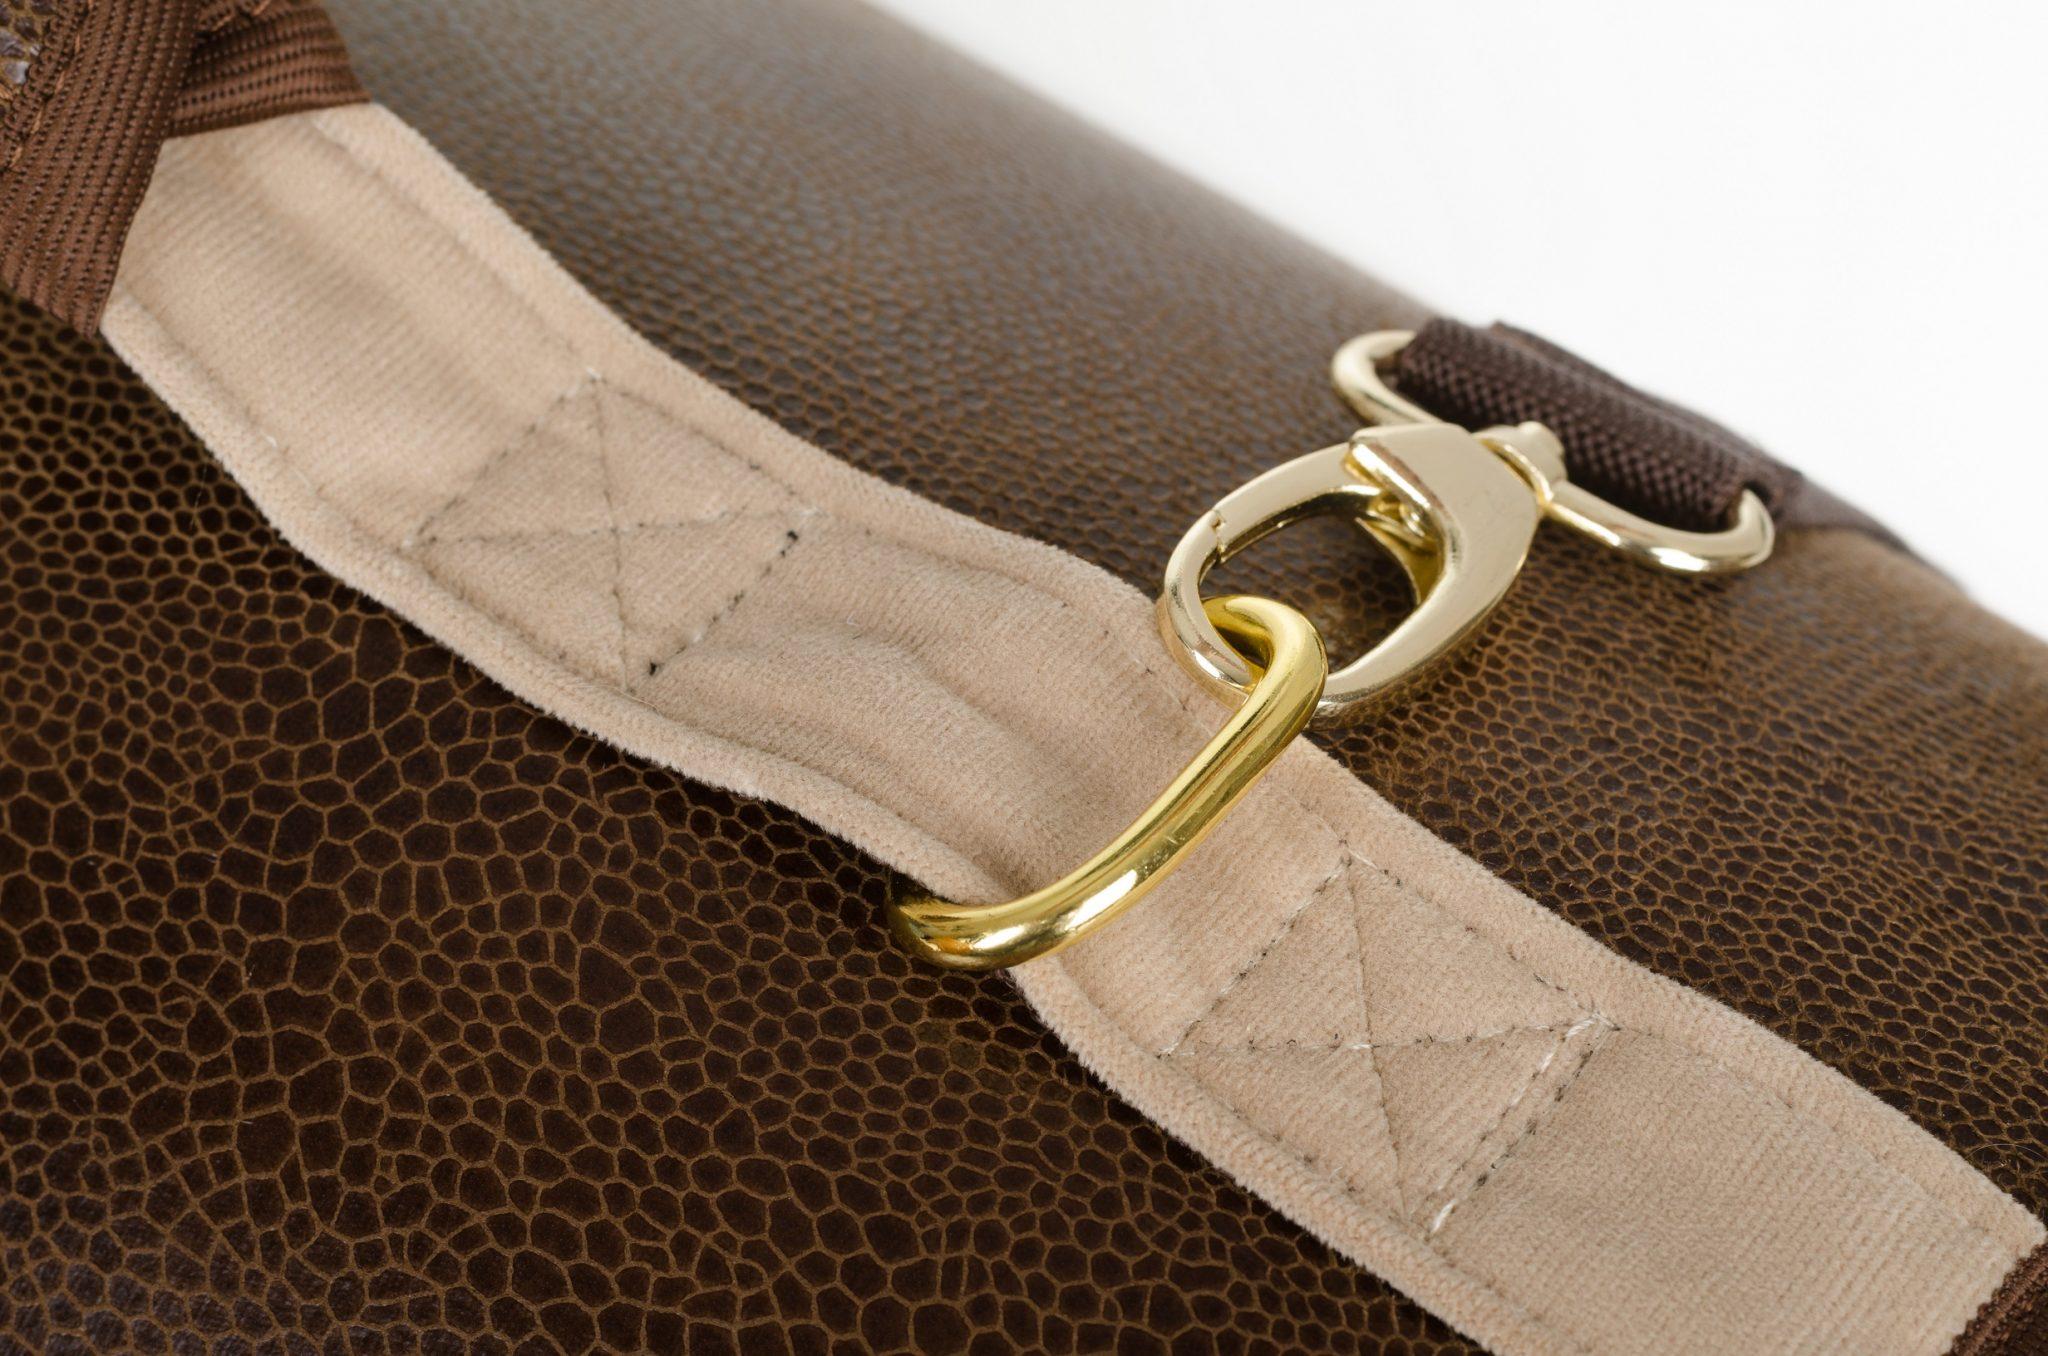 Transportná taška Cazo Classy hnedá 2